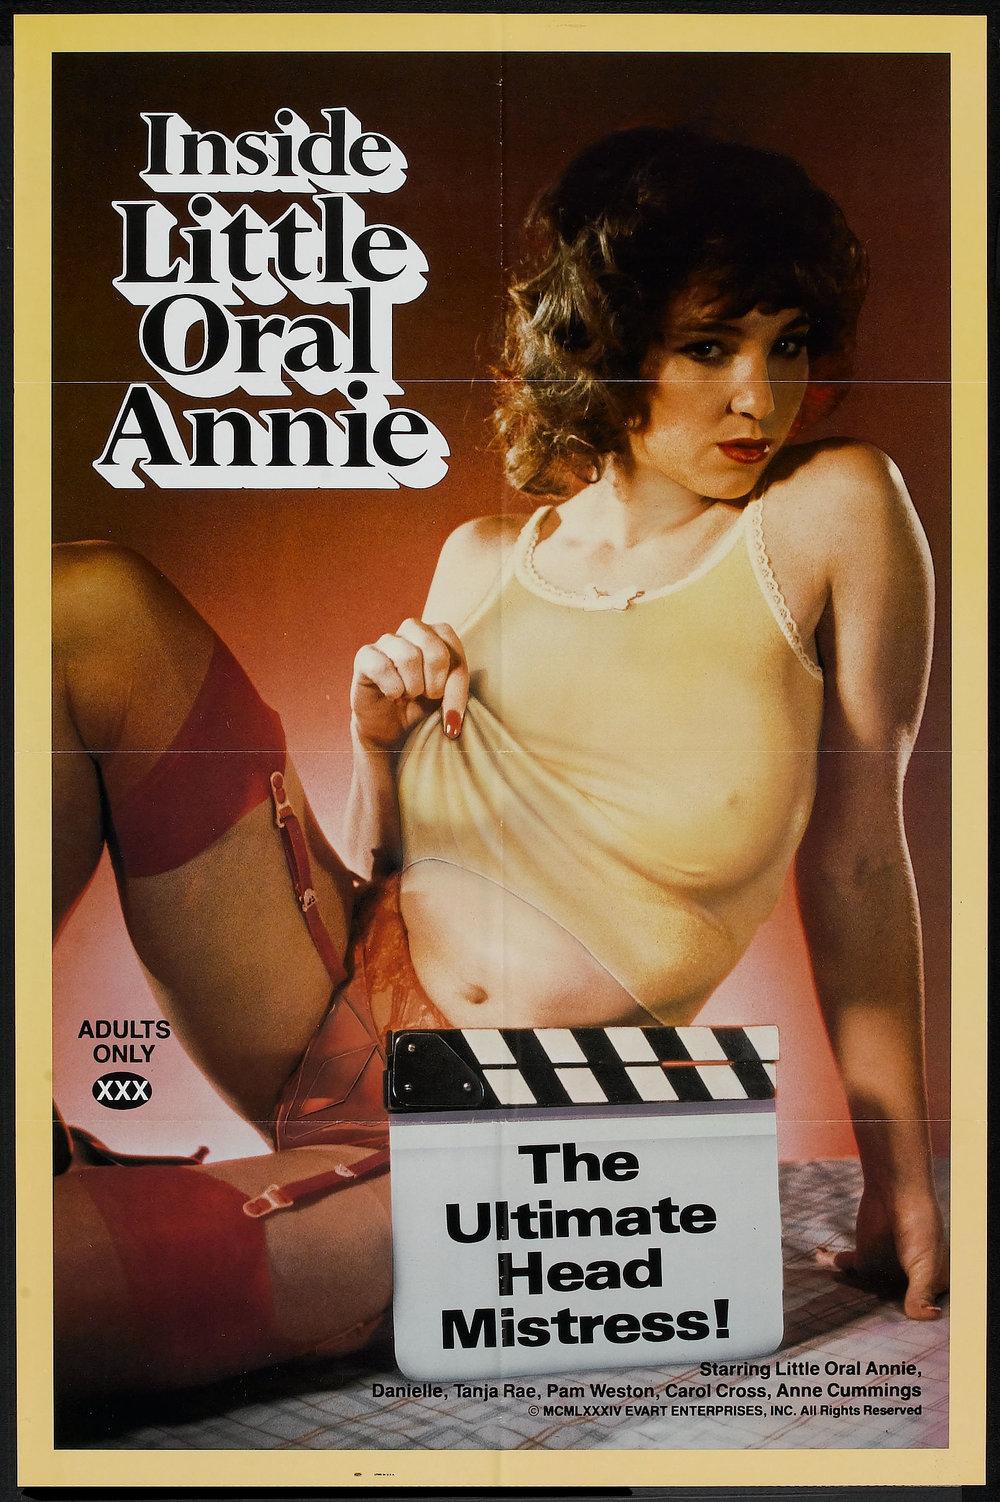 inside_little_oral_annie_poster_01.jpg